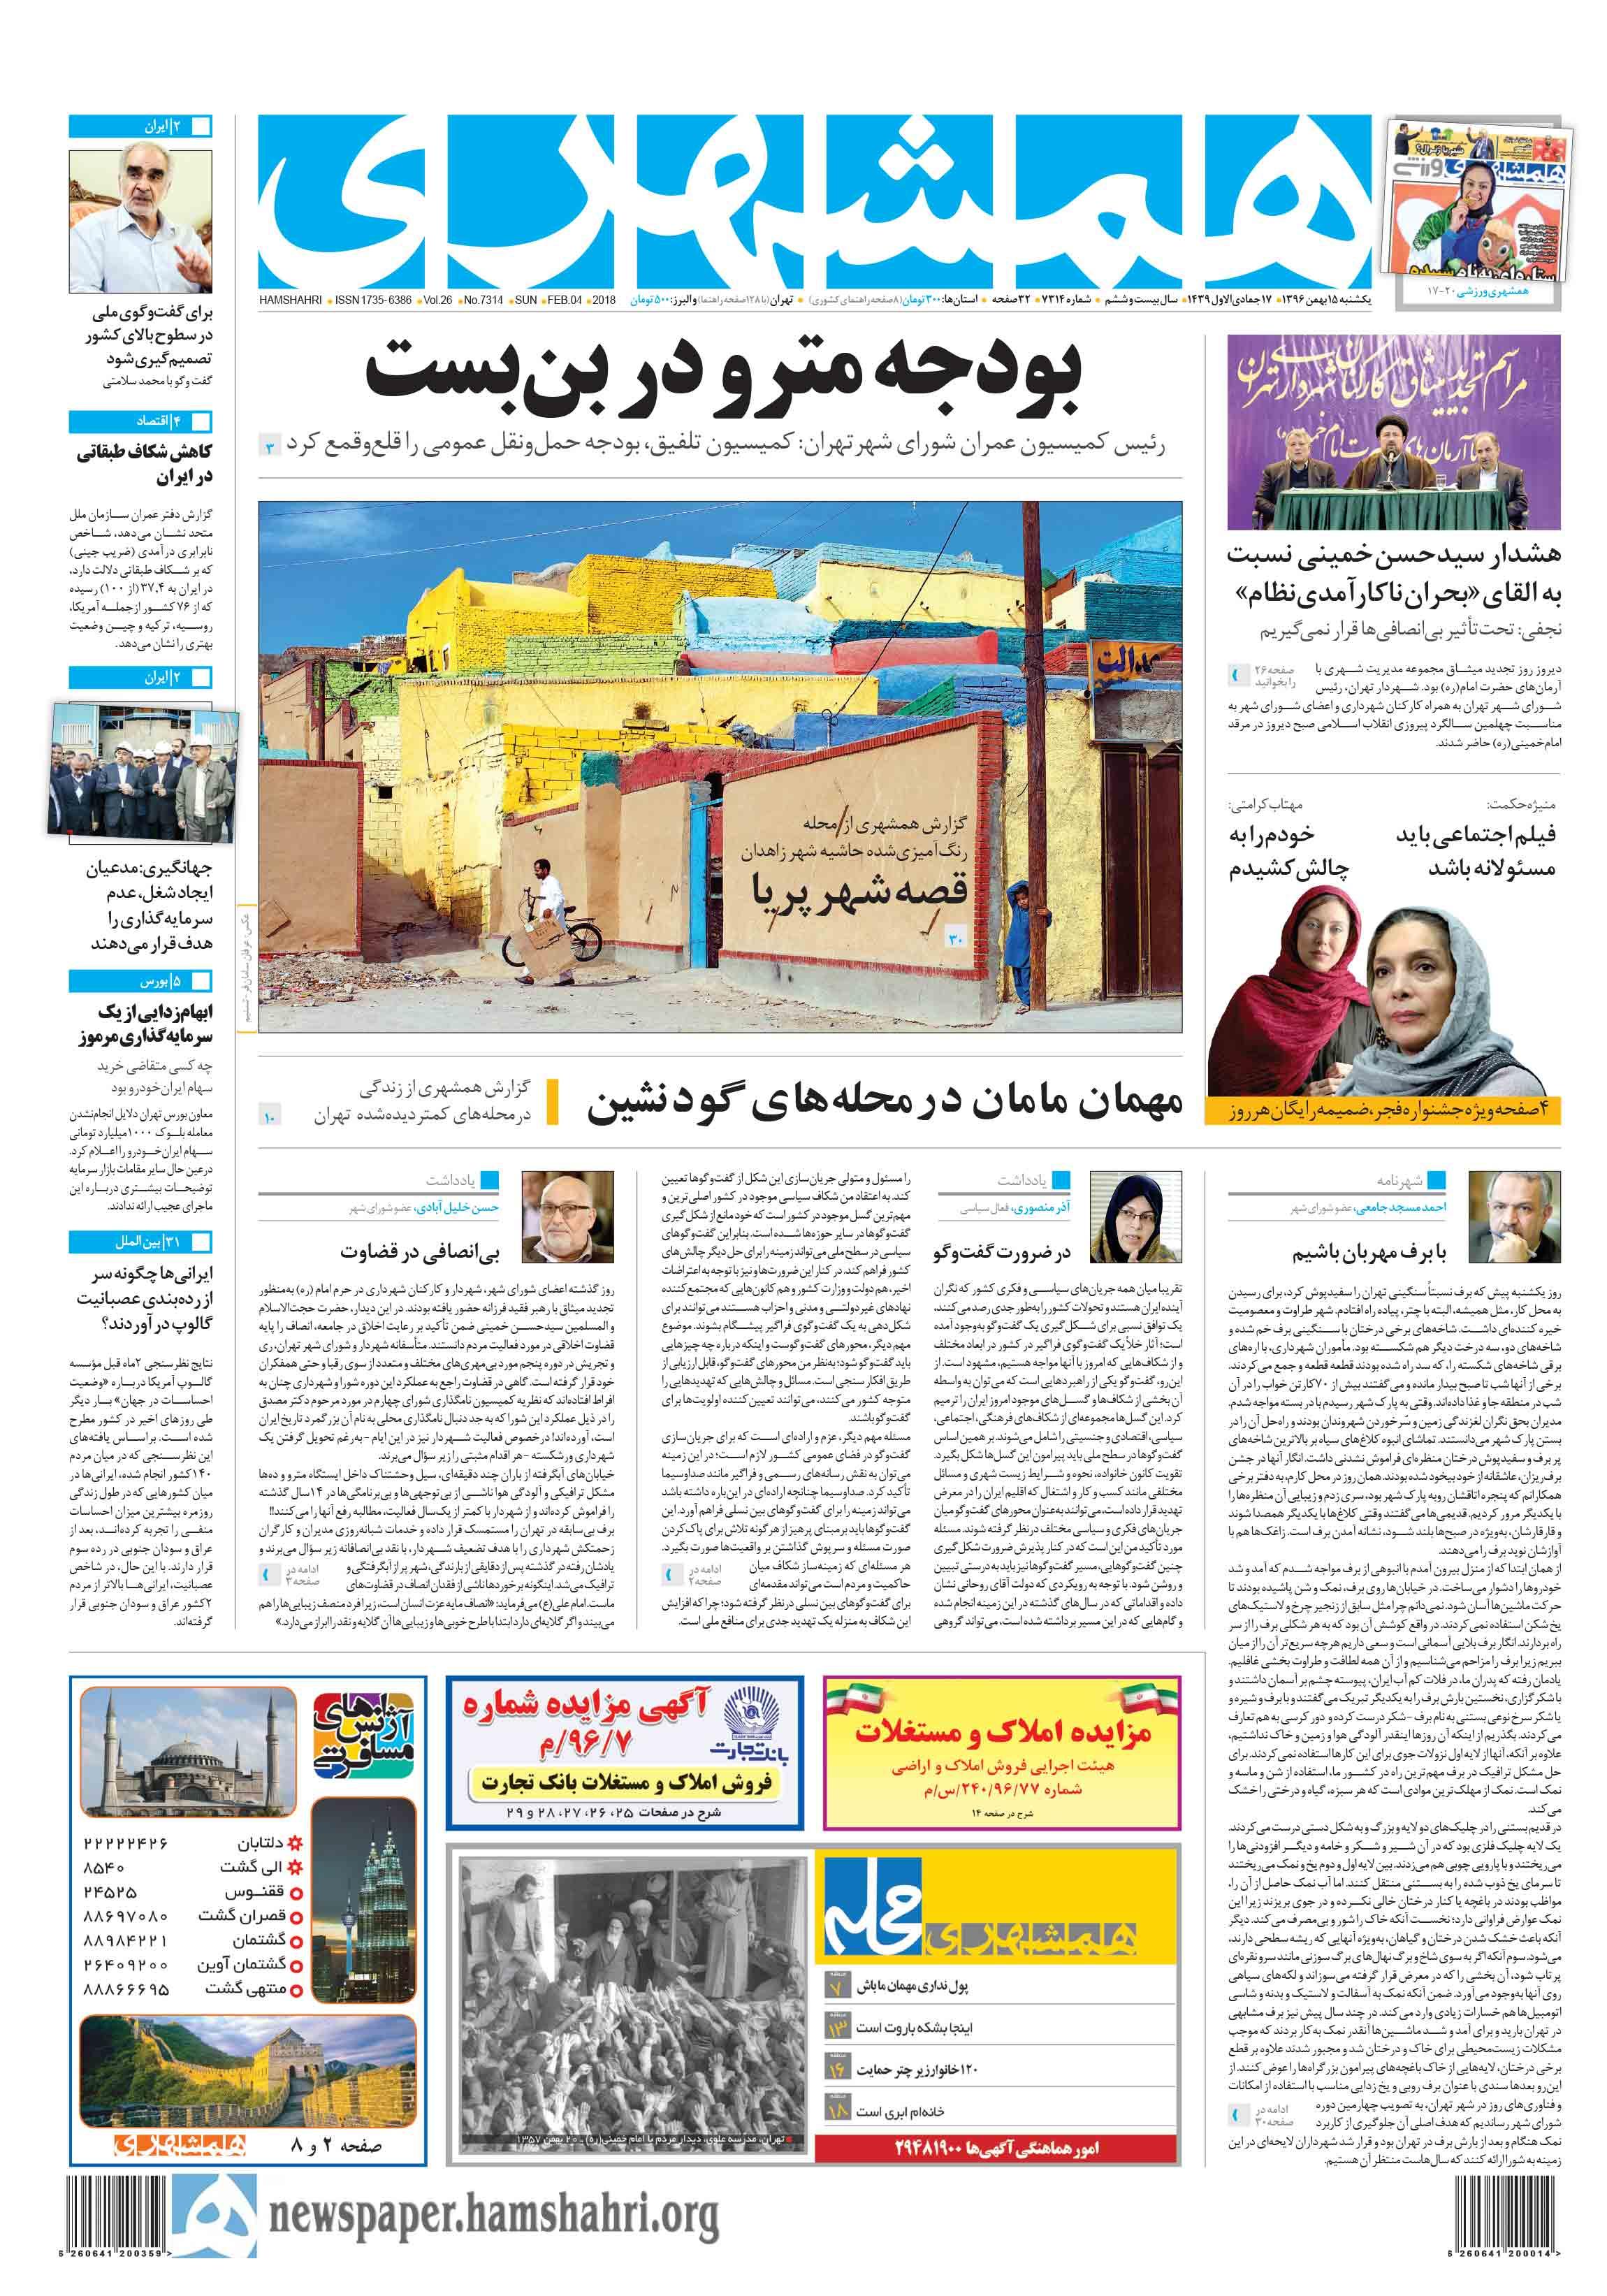 صفحه اول یکشنبه 15 بهمنماه 1396